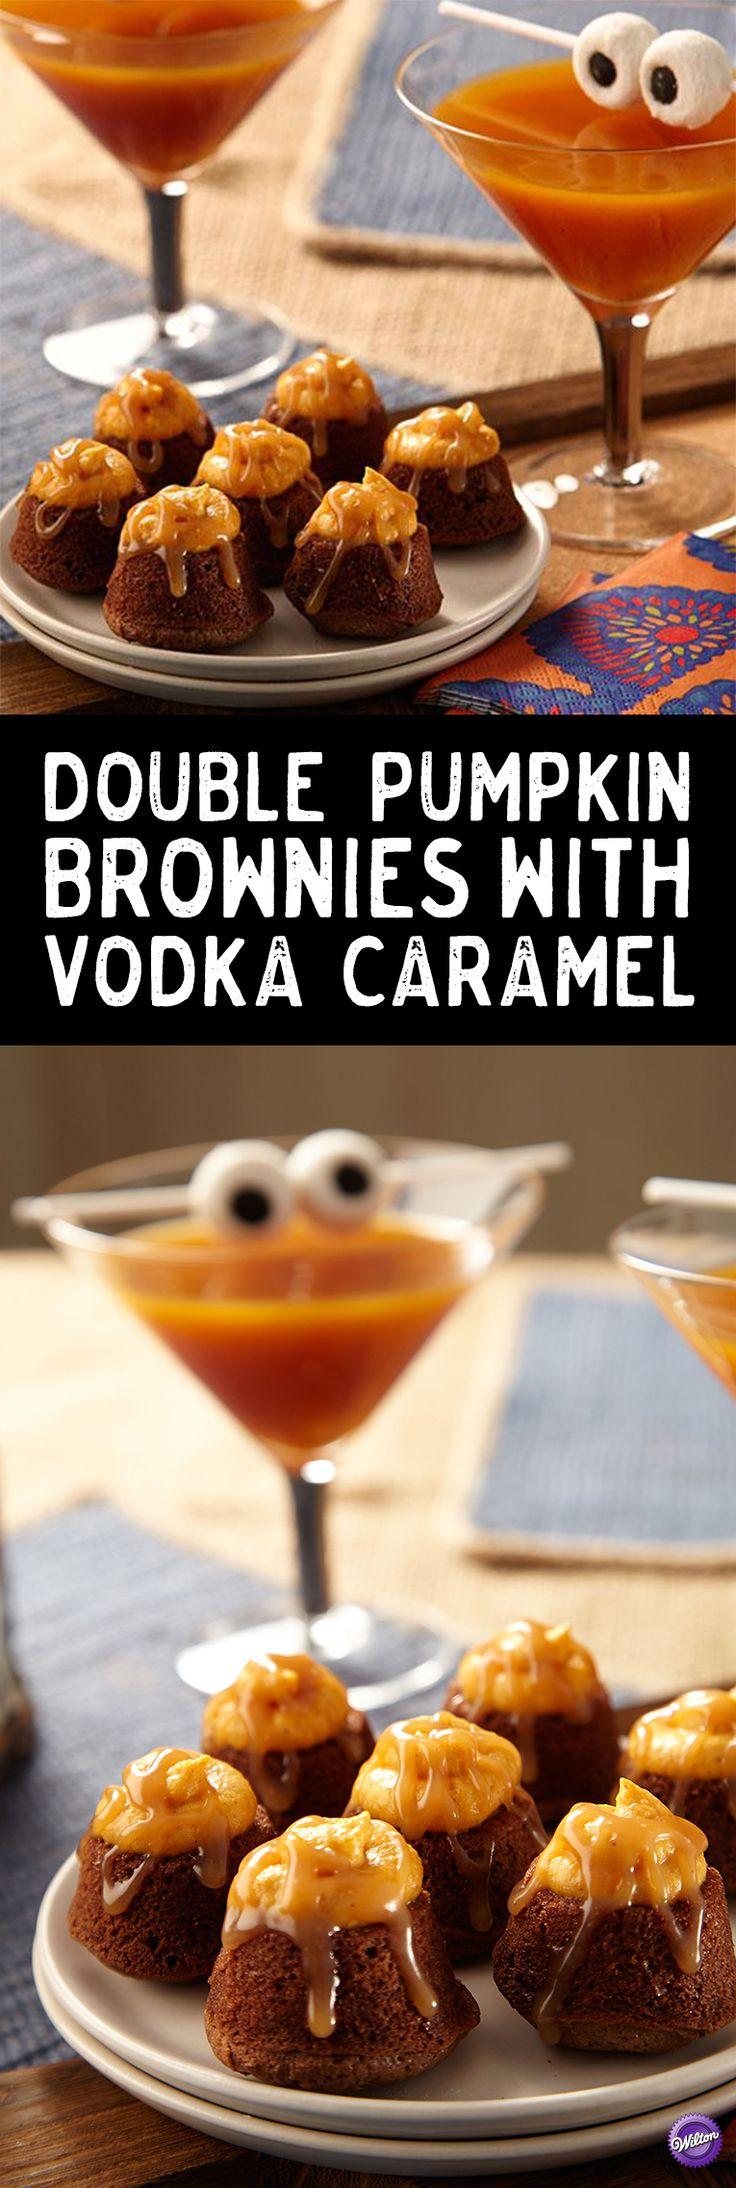 ... Punkin' on Pinterest | Pumpkin pies, Pumpkins and Pumpkin spice bread